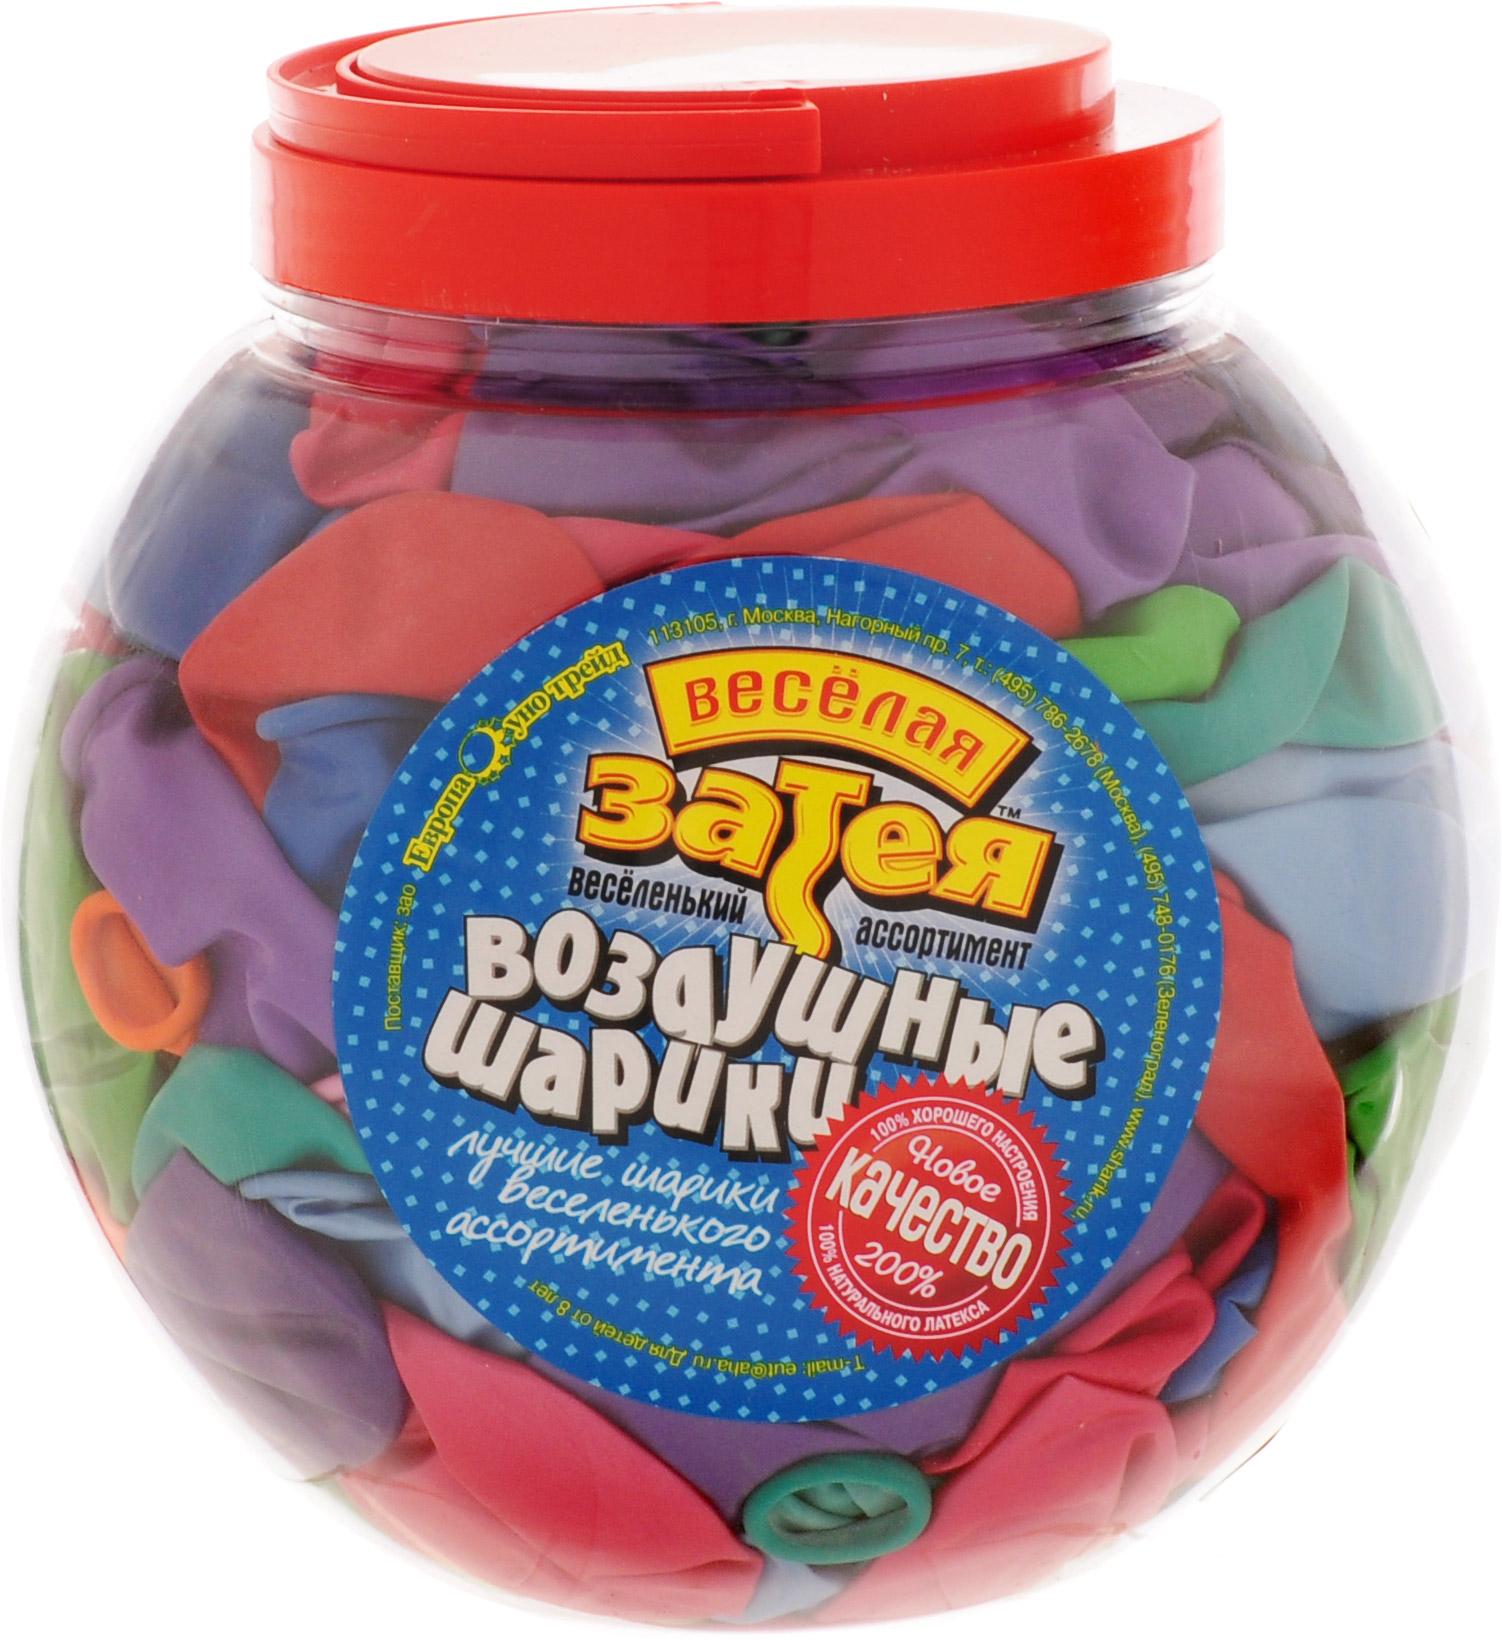 Веселая затея Набор воздушных шариков В 75 Супер 300 шт - Воздушные шарики